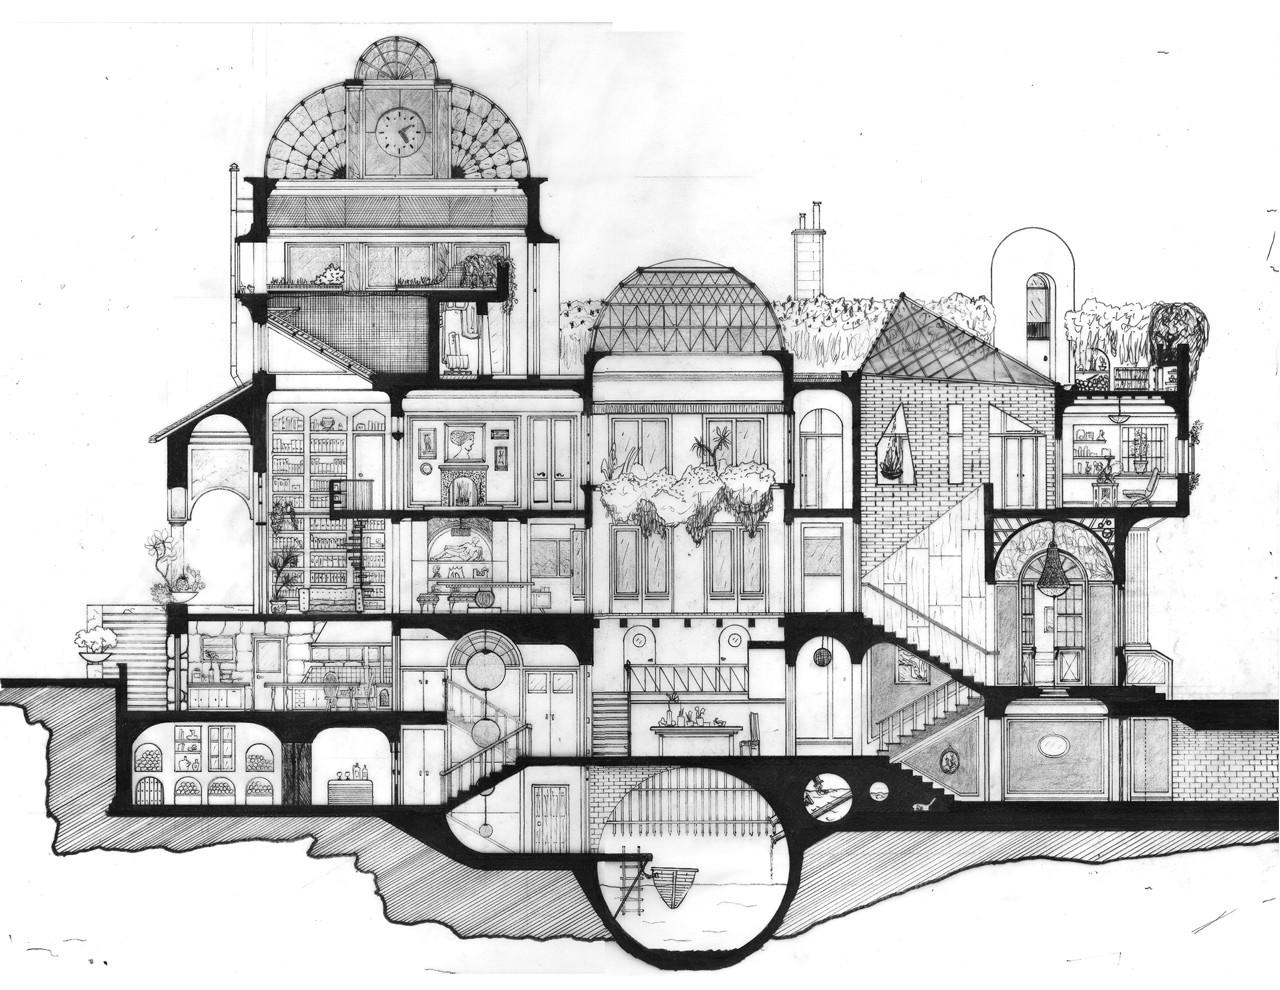 Galeria de arte e arquitetura desenhos arquitet nicos que evidenciam o espa o do eixo z 13 - Mesa de dibujo para arquitectura ...